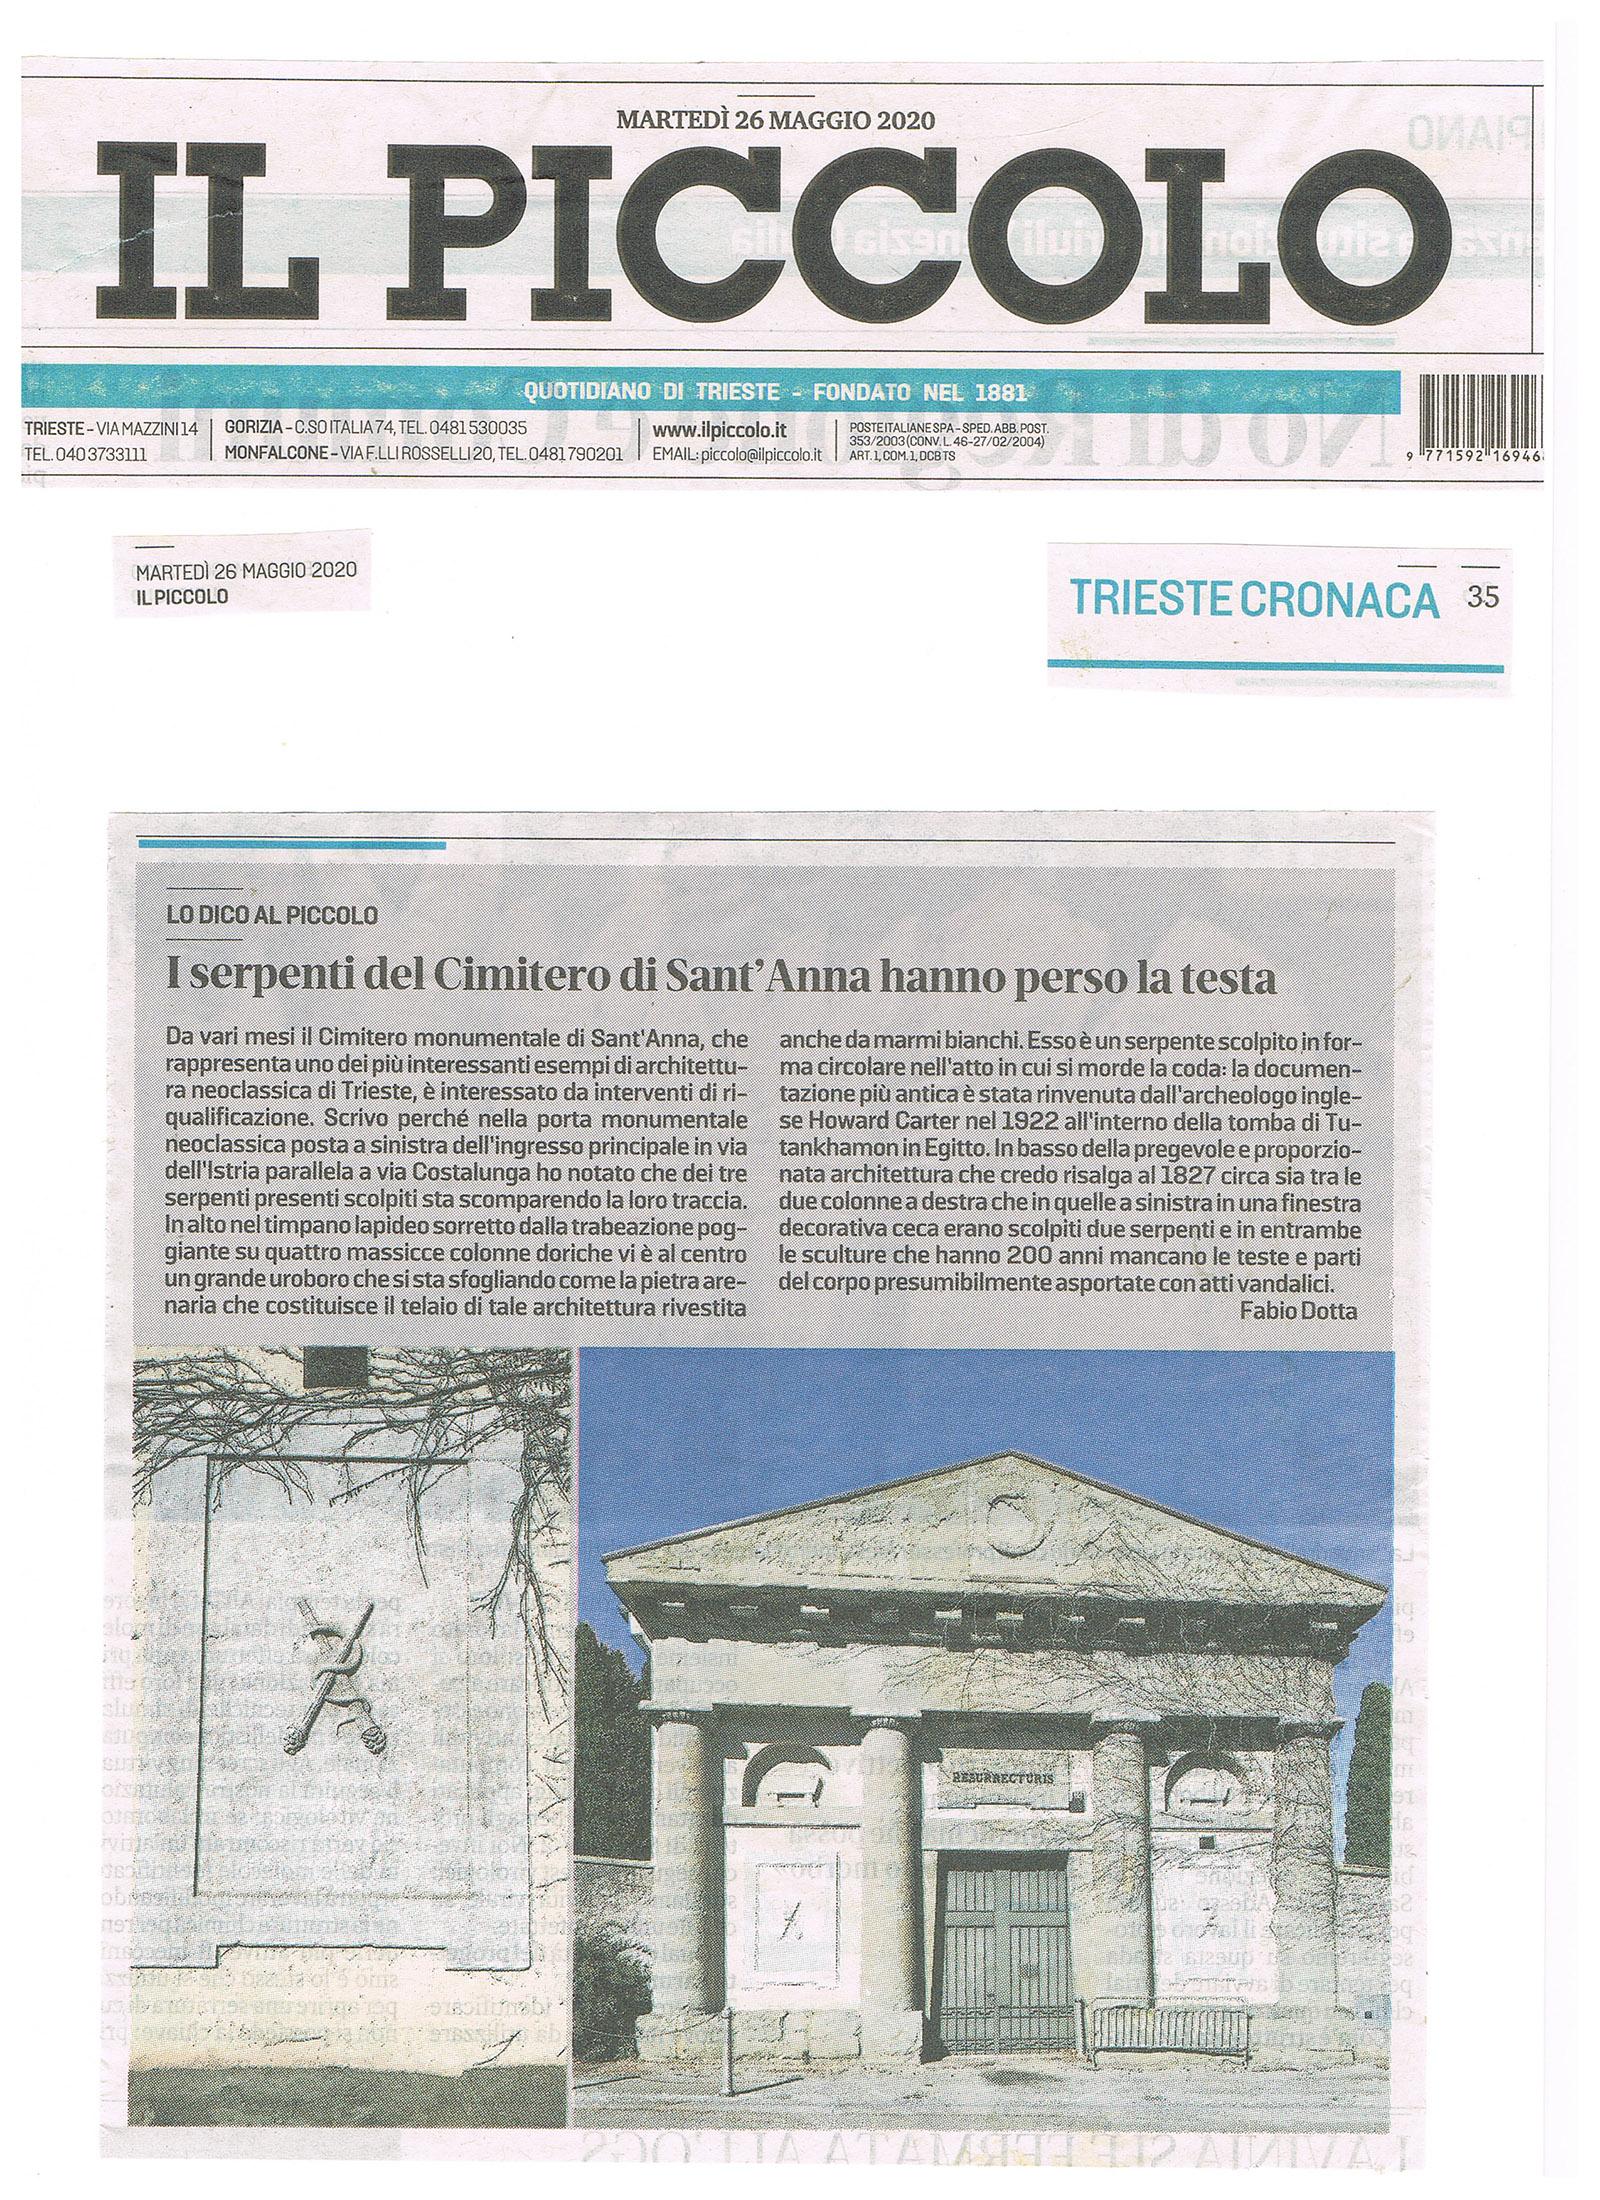 ARTICOLO FABIO DOTTA CIMITERO MONUMENTALE SANT'ANNA TRIIESTE - ALL